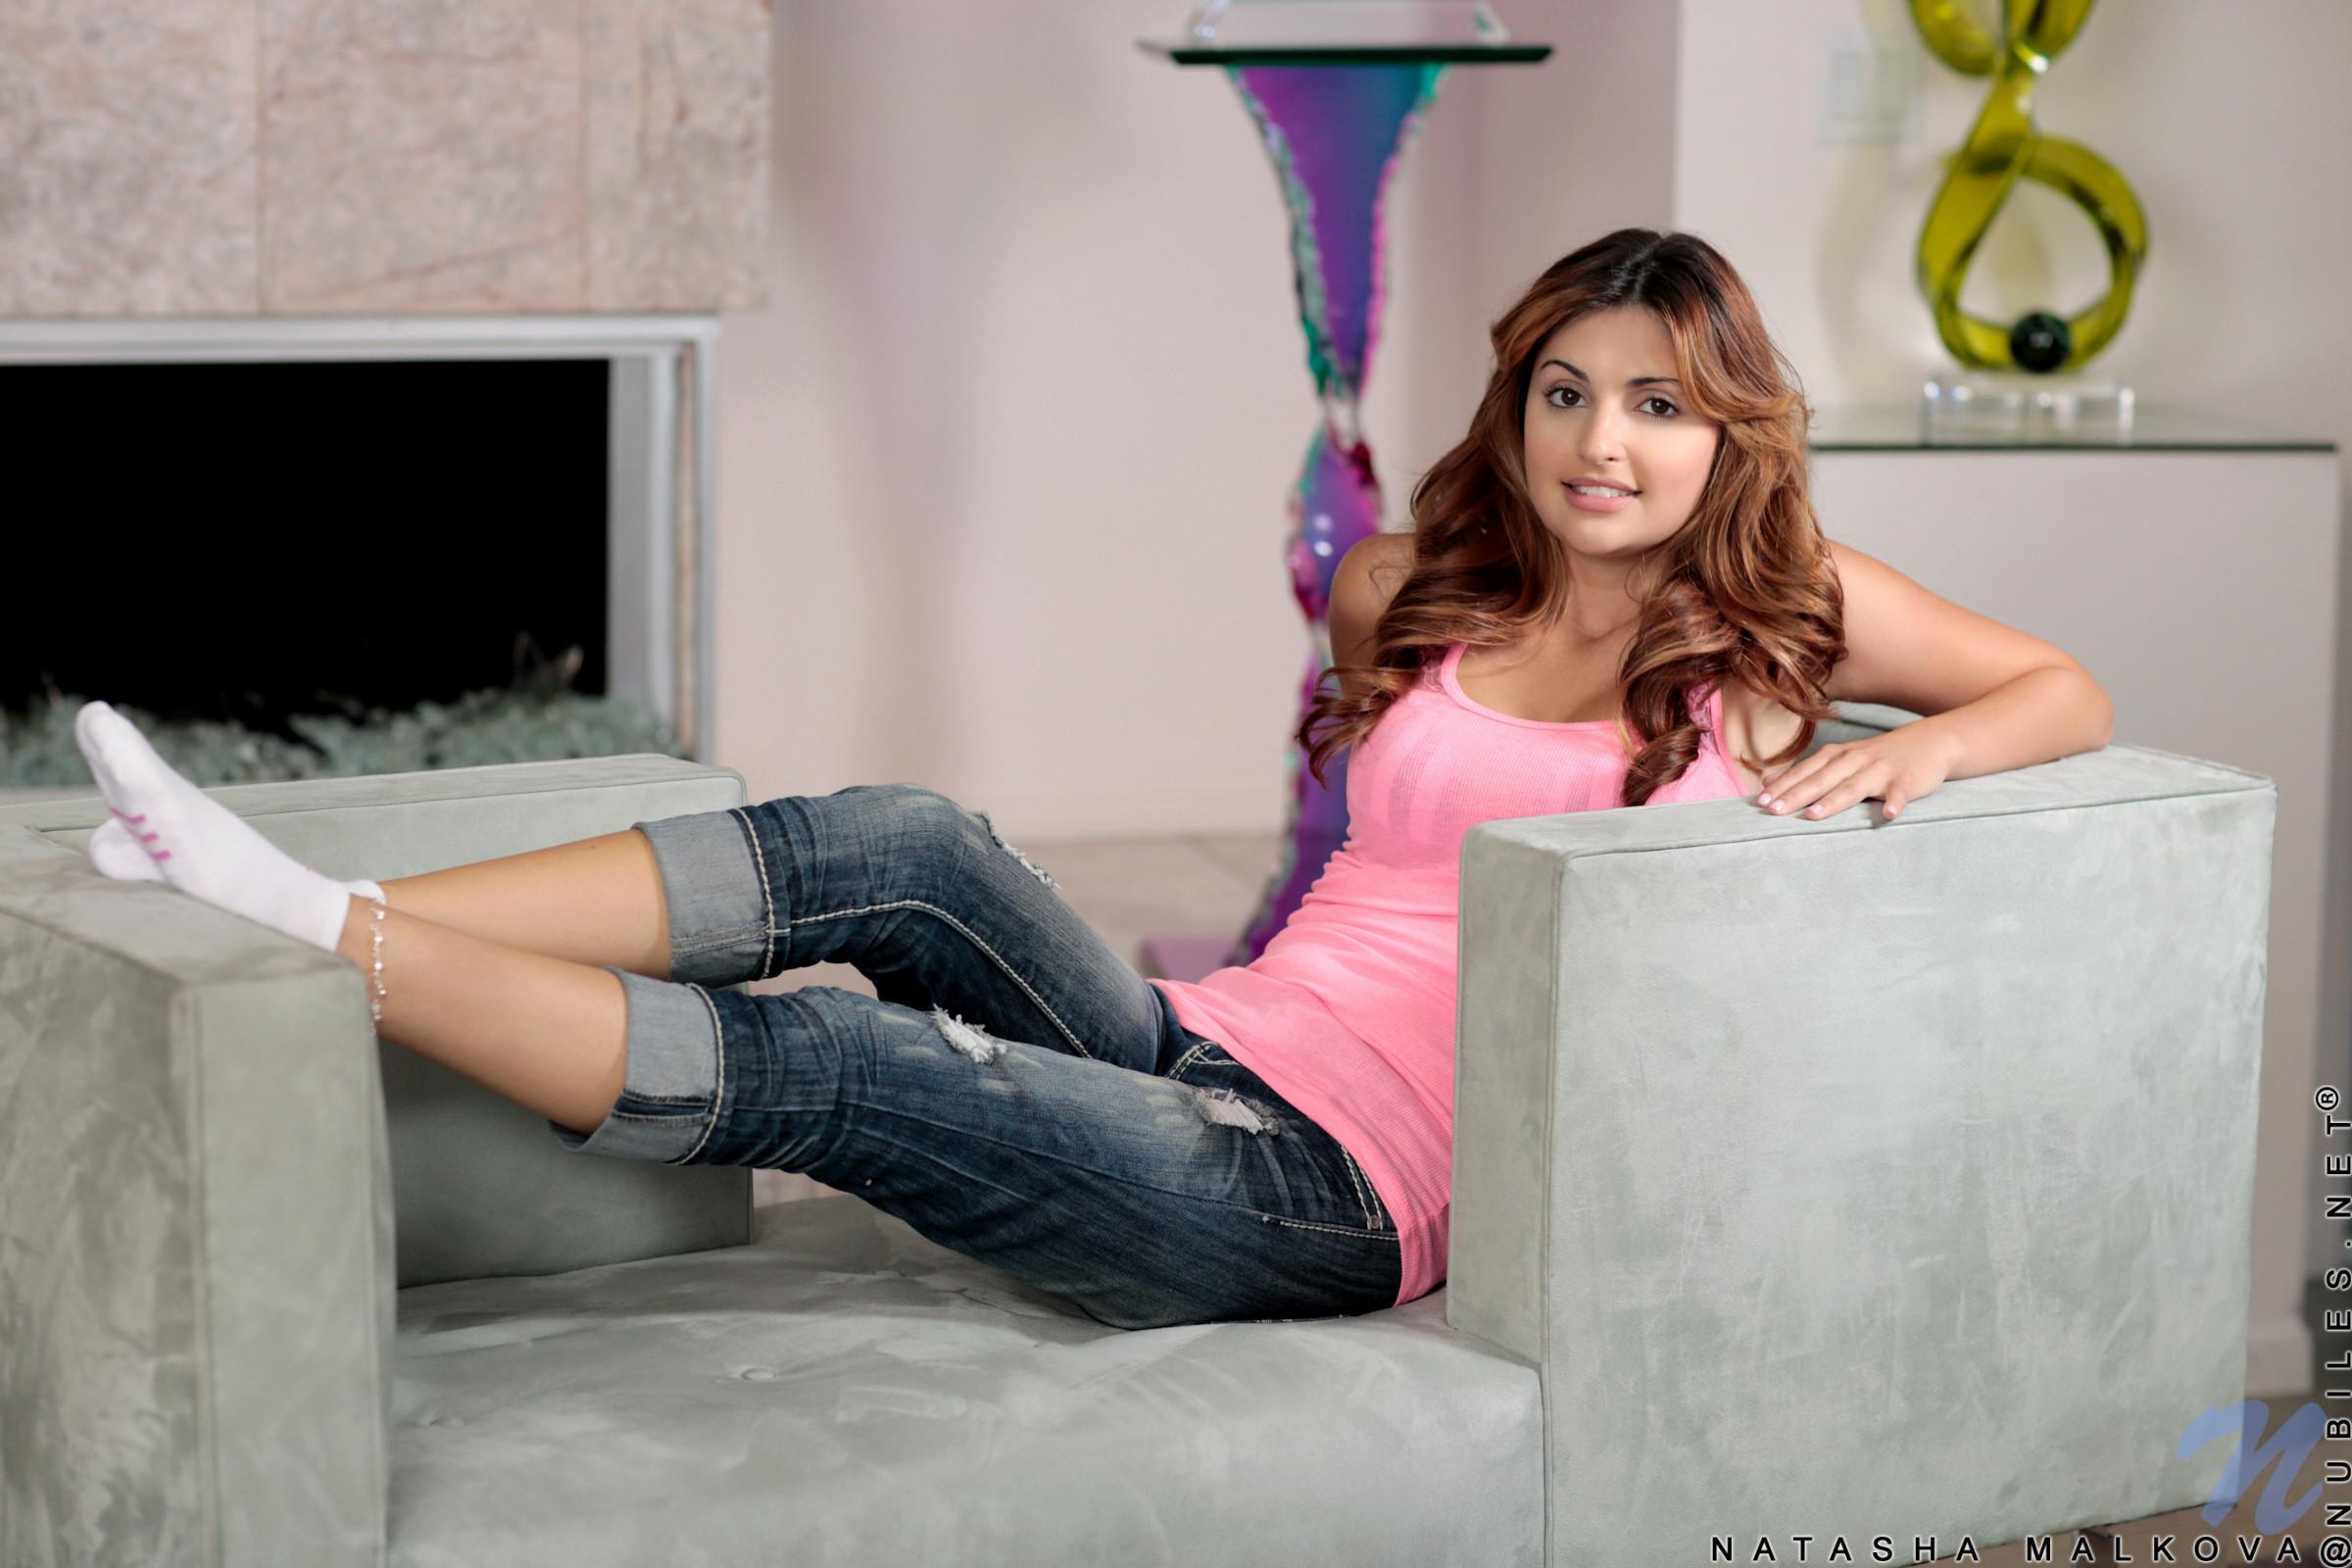 Лале, она же Наташа Малкова, эро модель иранского происхождения